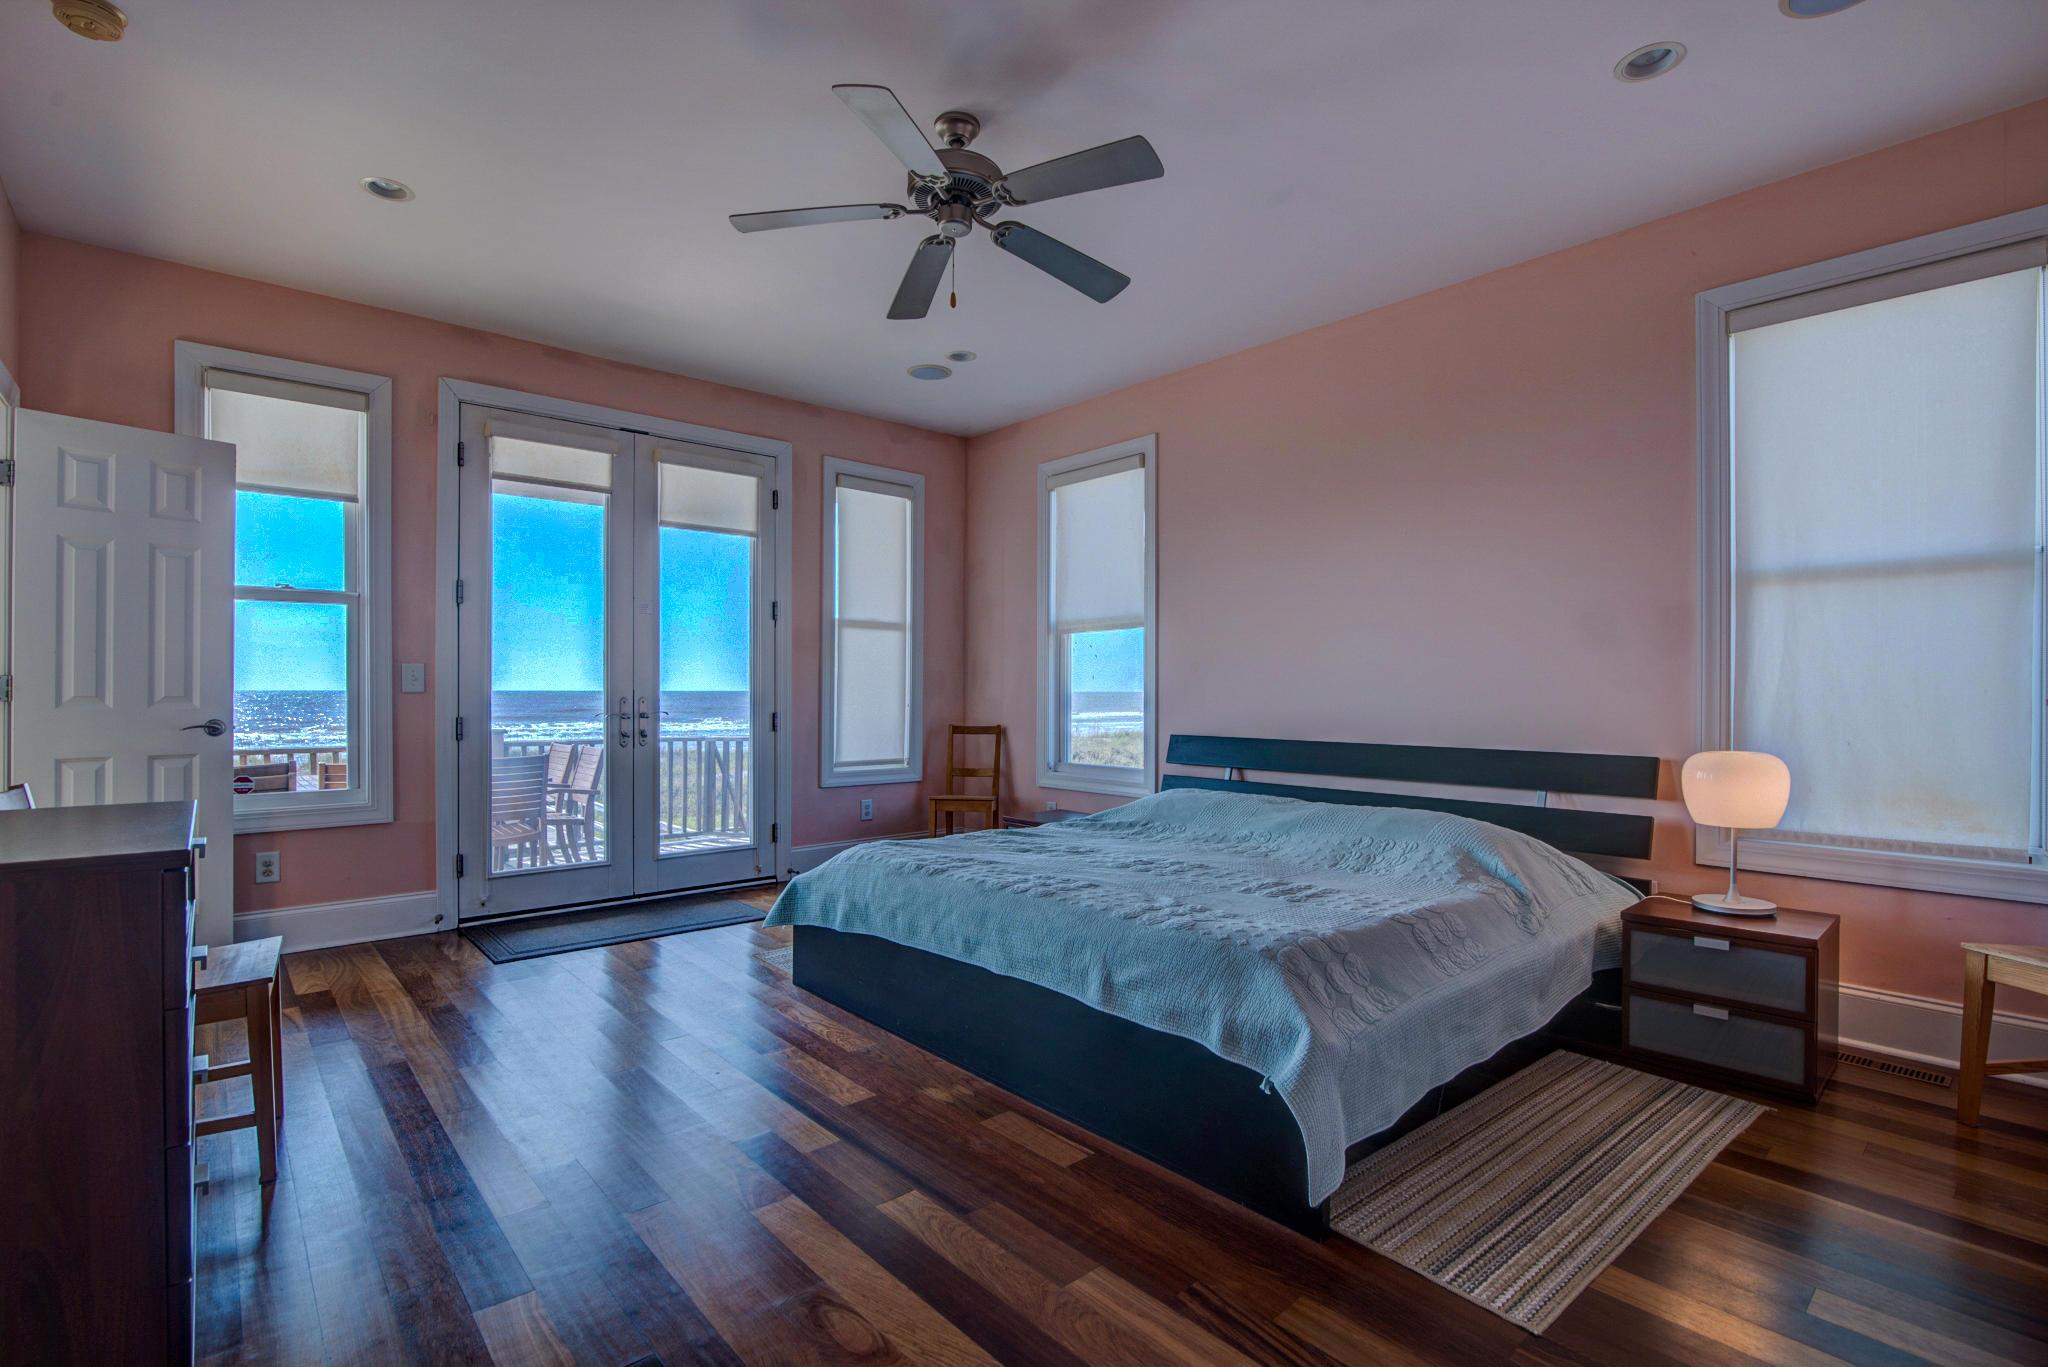 Folly Beach Homes For Sale - 319 Arctic, Folly Beach, SC - 11